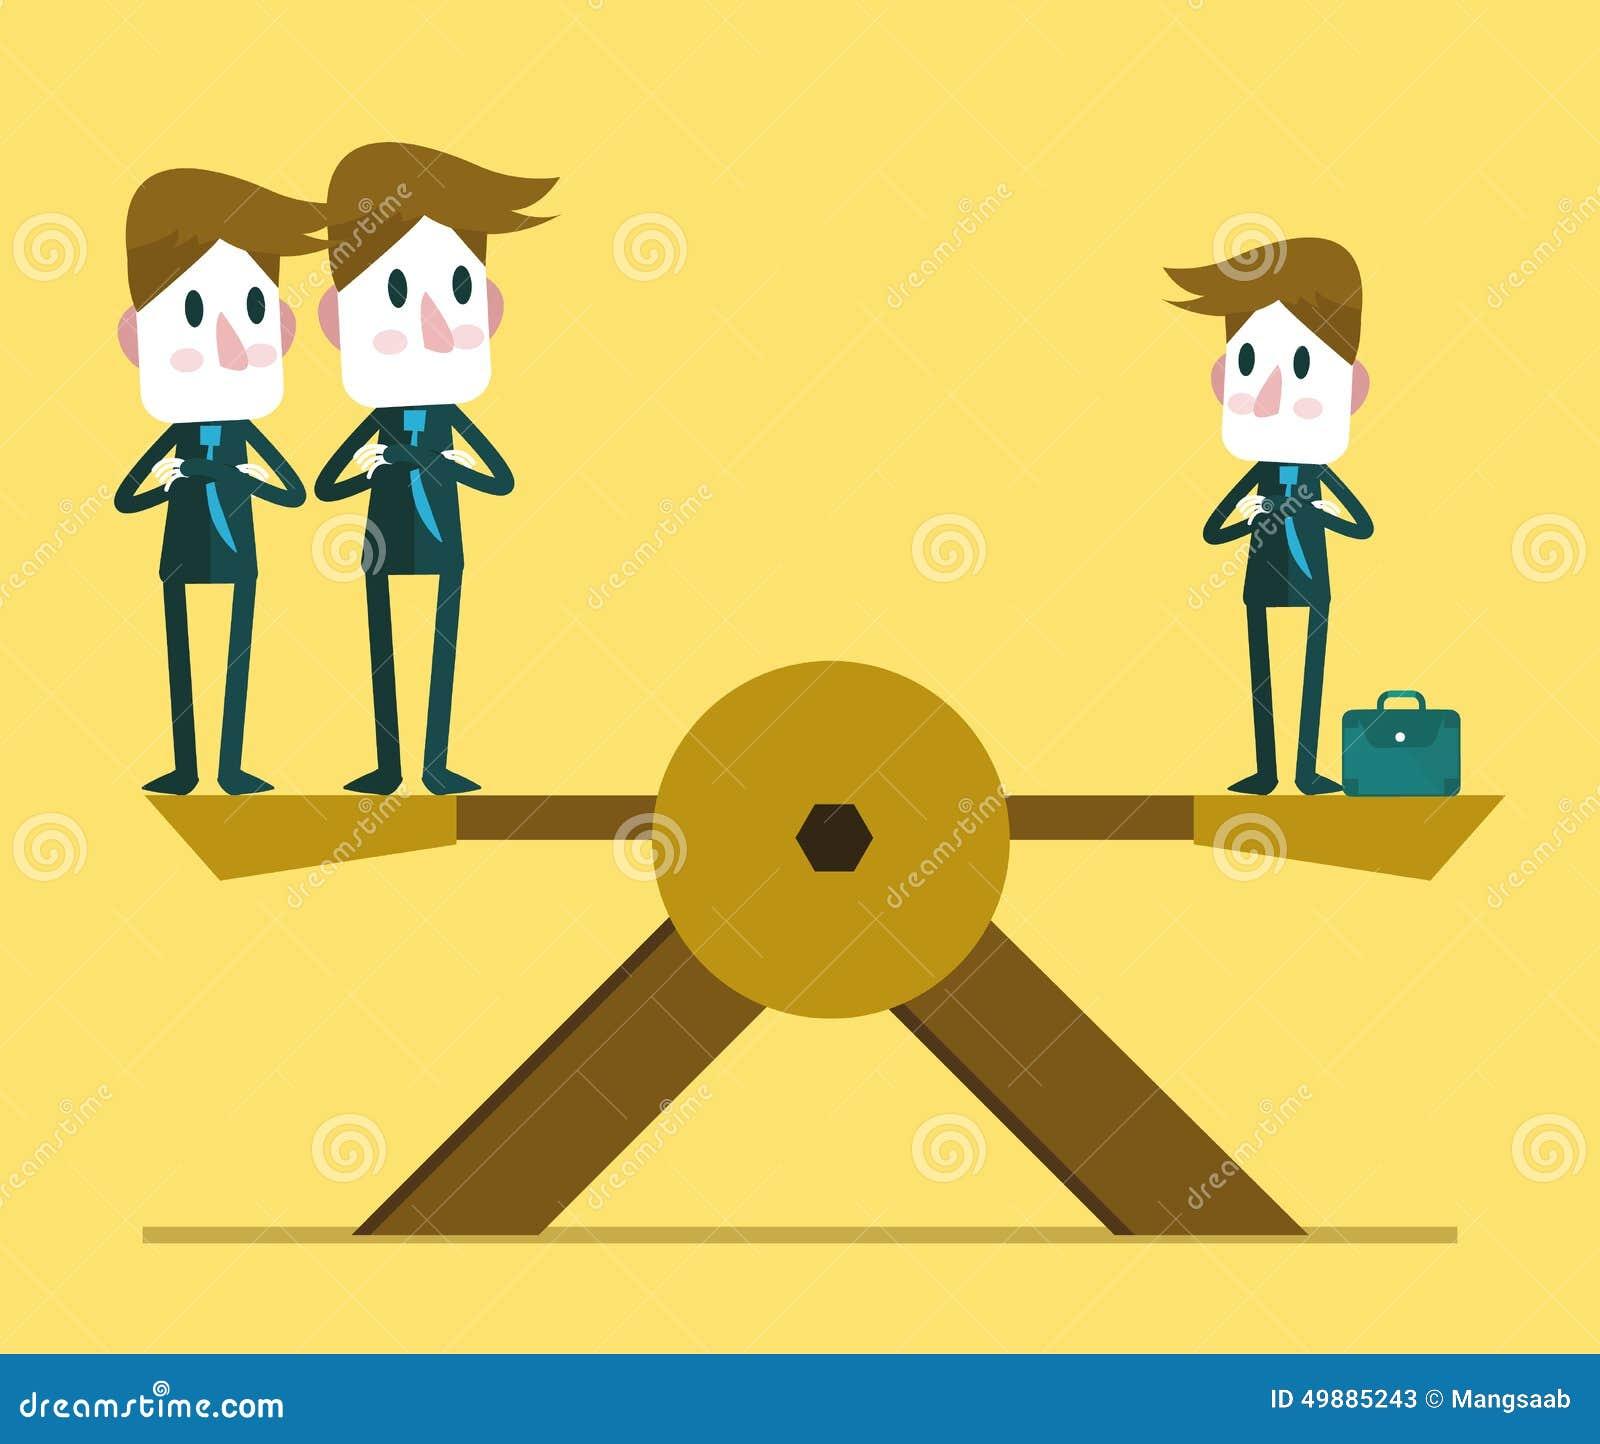 小商人与其他两大笔生意人的额外平衡 人力资源概念